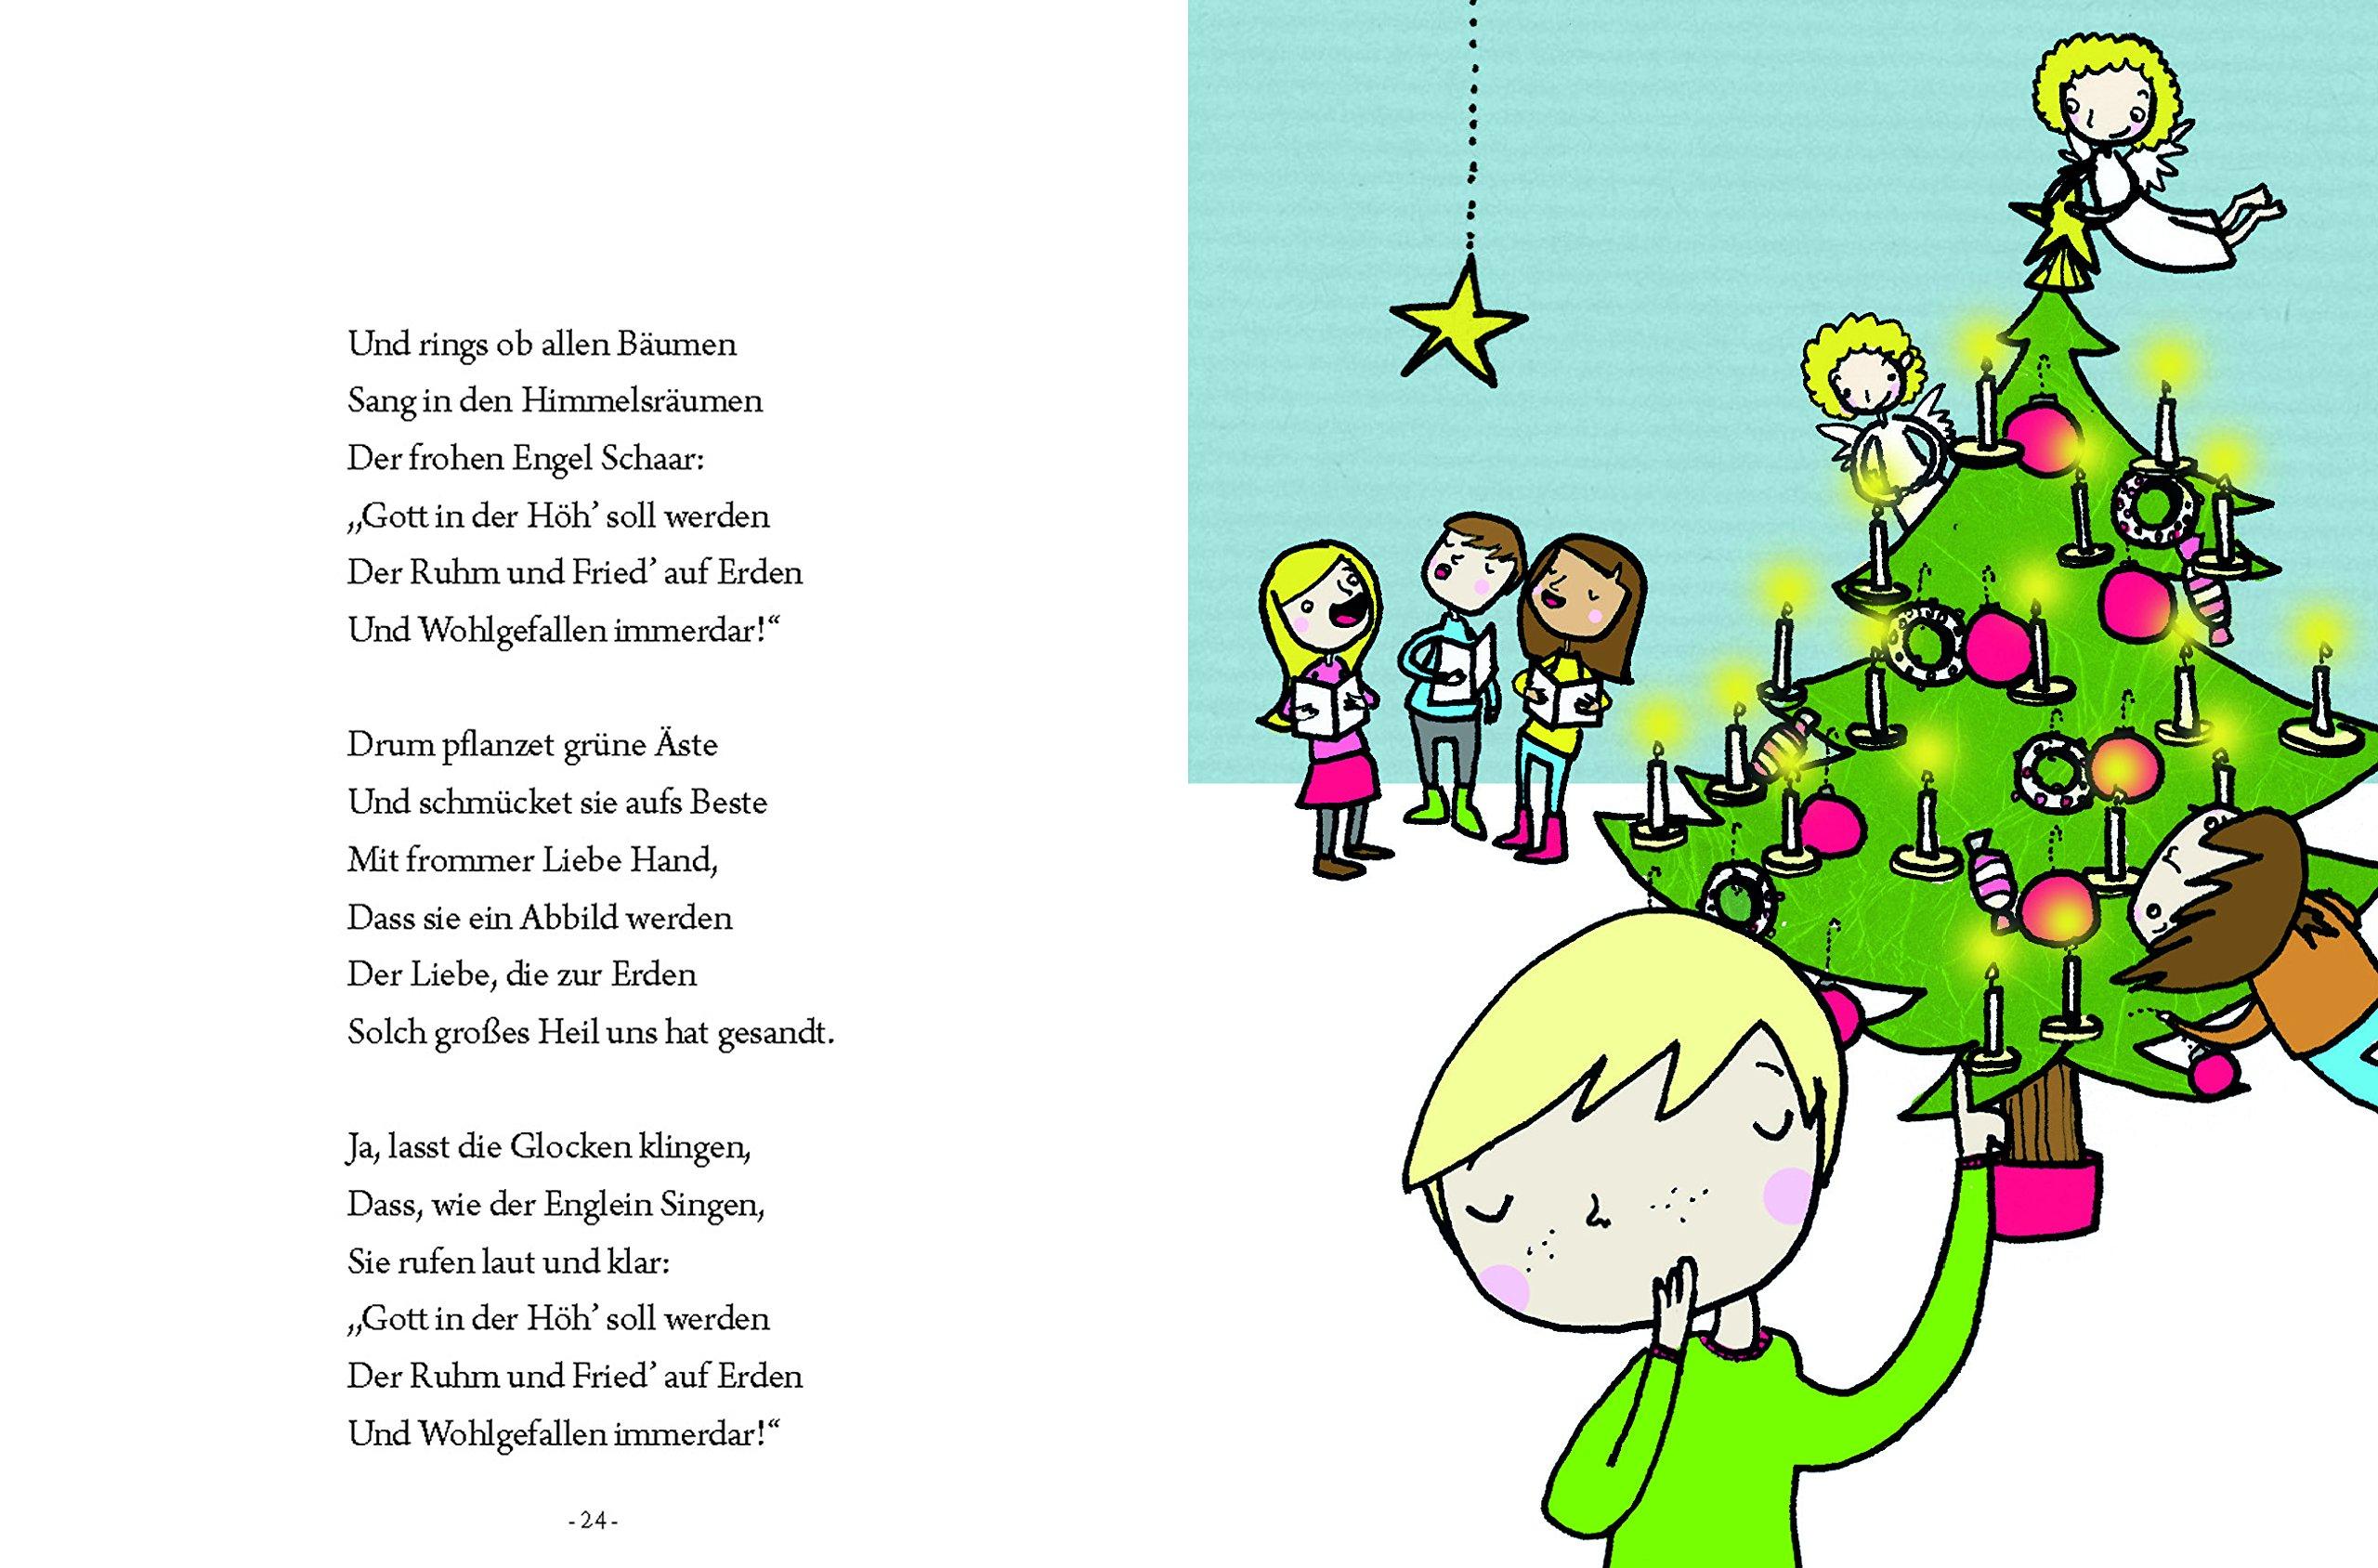 Weihnachtsgedichte Für Kinder Kostenlos.Das Große Kleine Buch Weihnachtsgedichte Für Kinder Amazon De